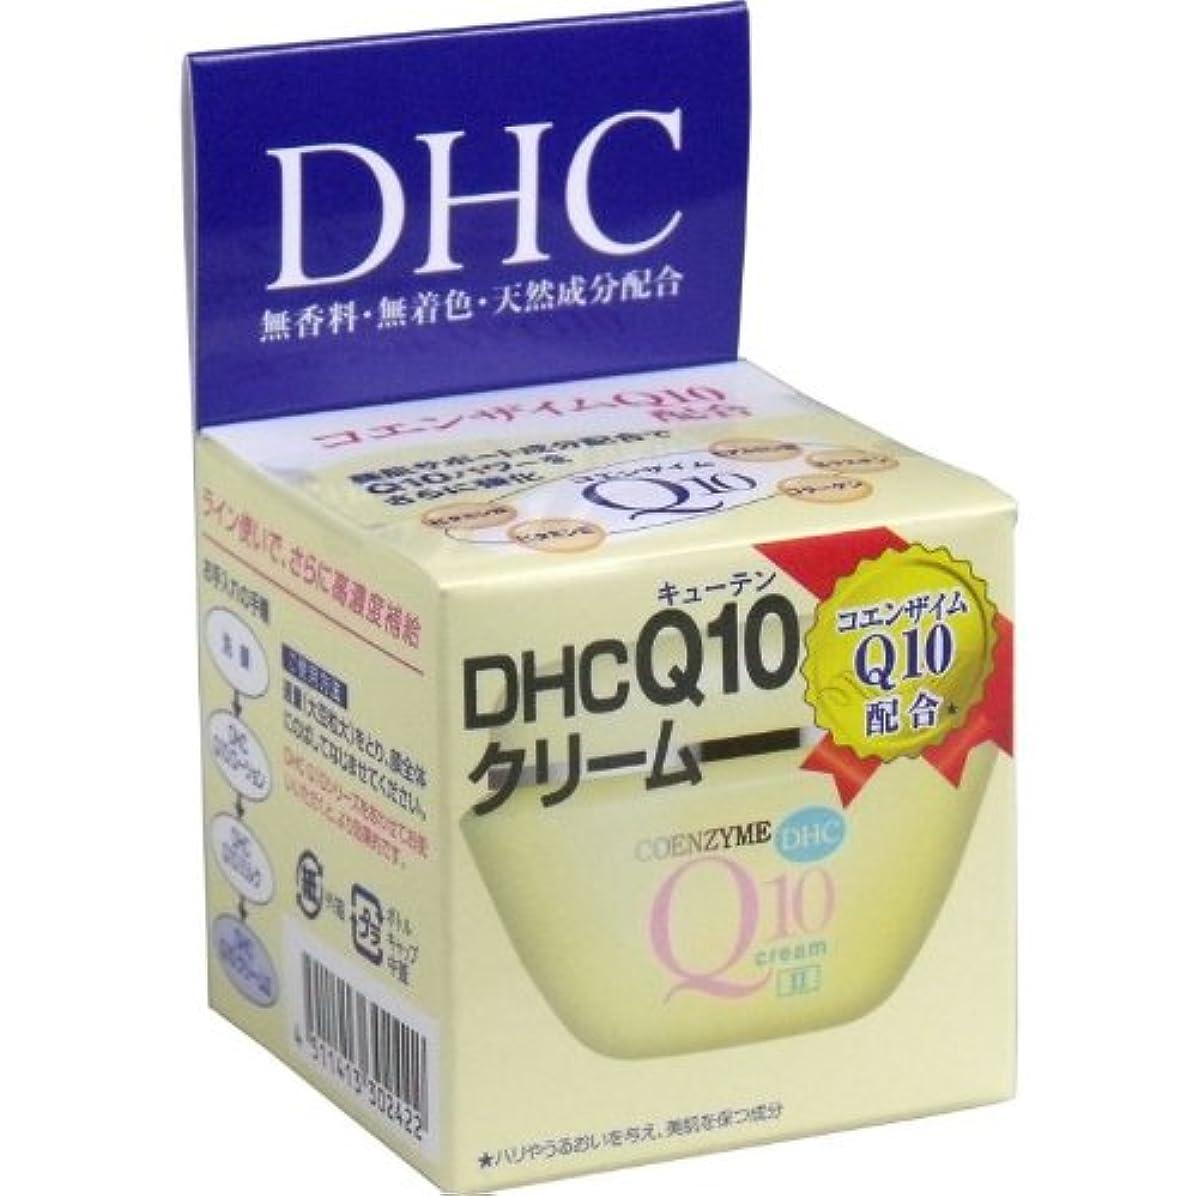 オッズ血まみれ協力DHC Q10クリーム2 20g